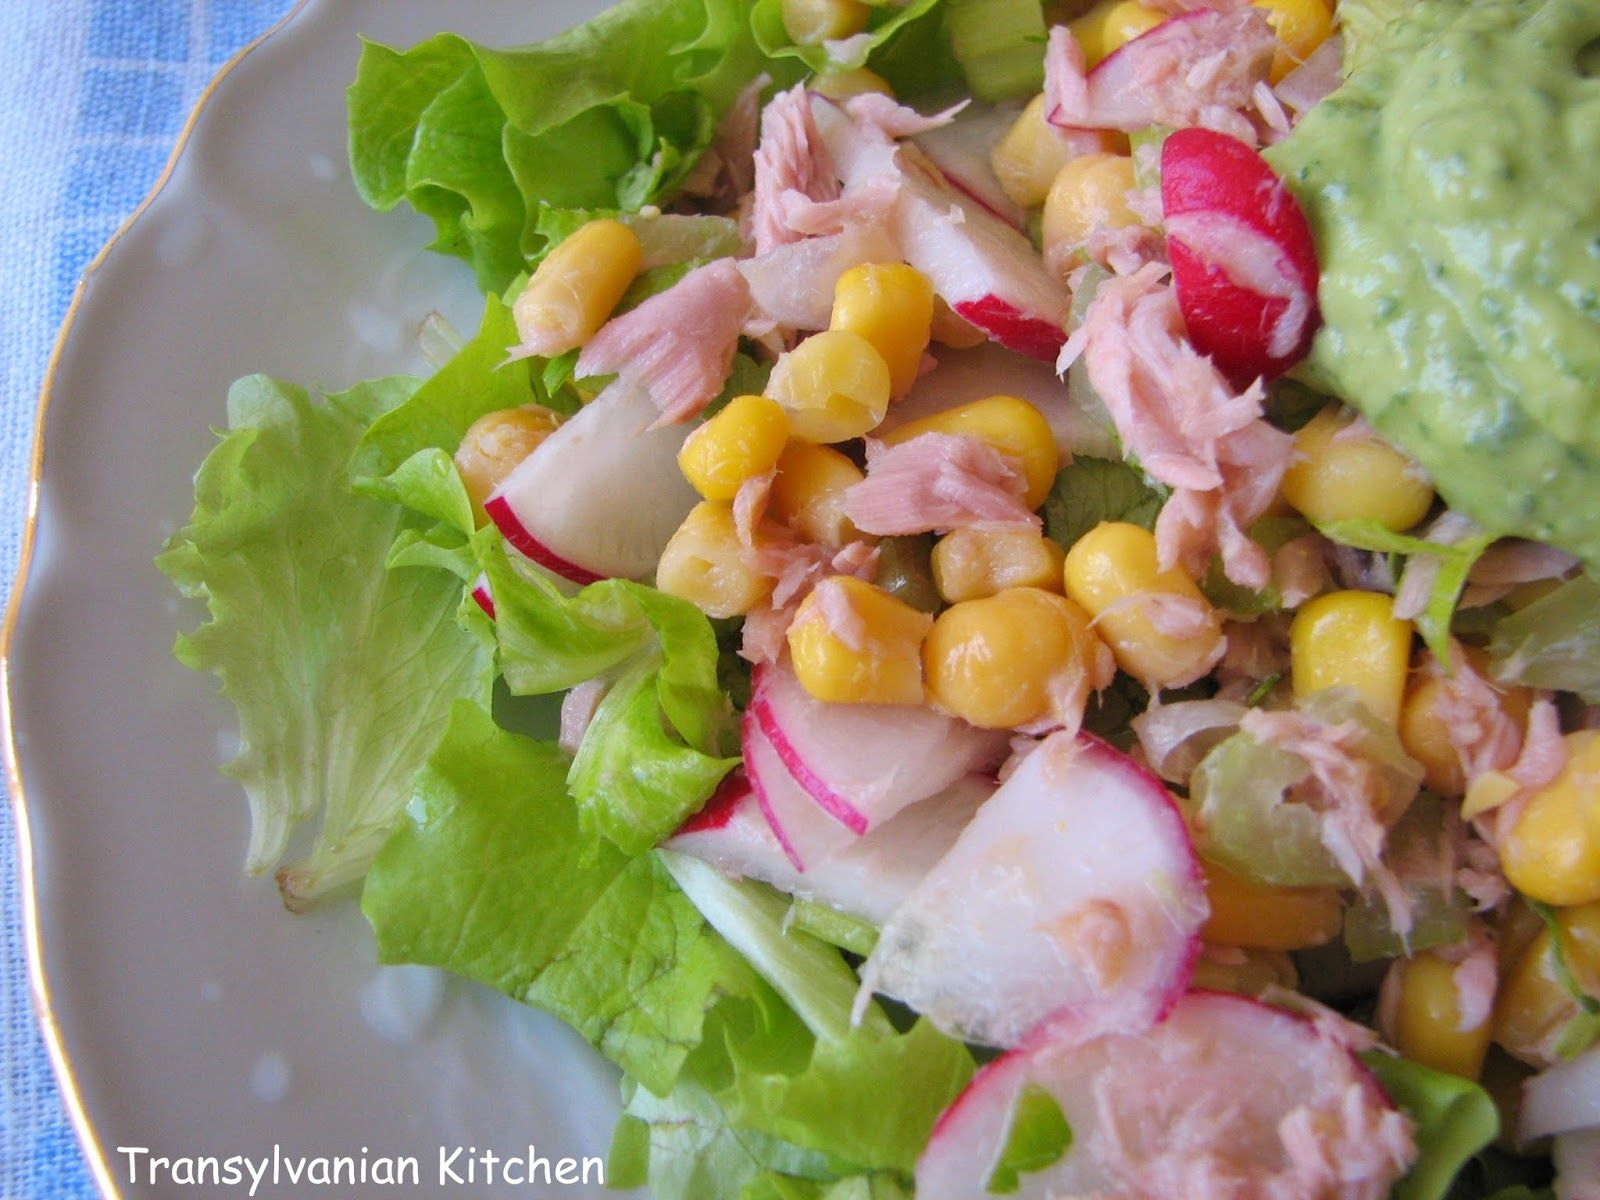 Tuna Salad w/ avocado dressing by Transylvanian Kitchen